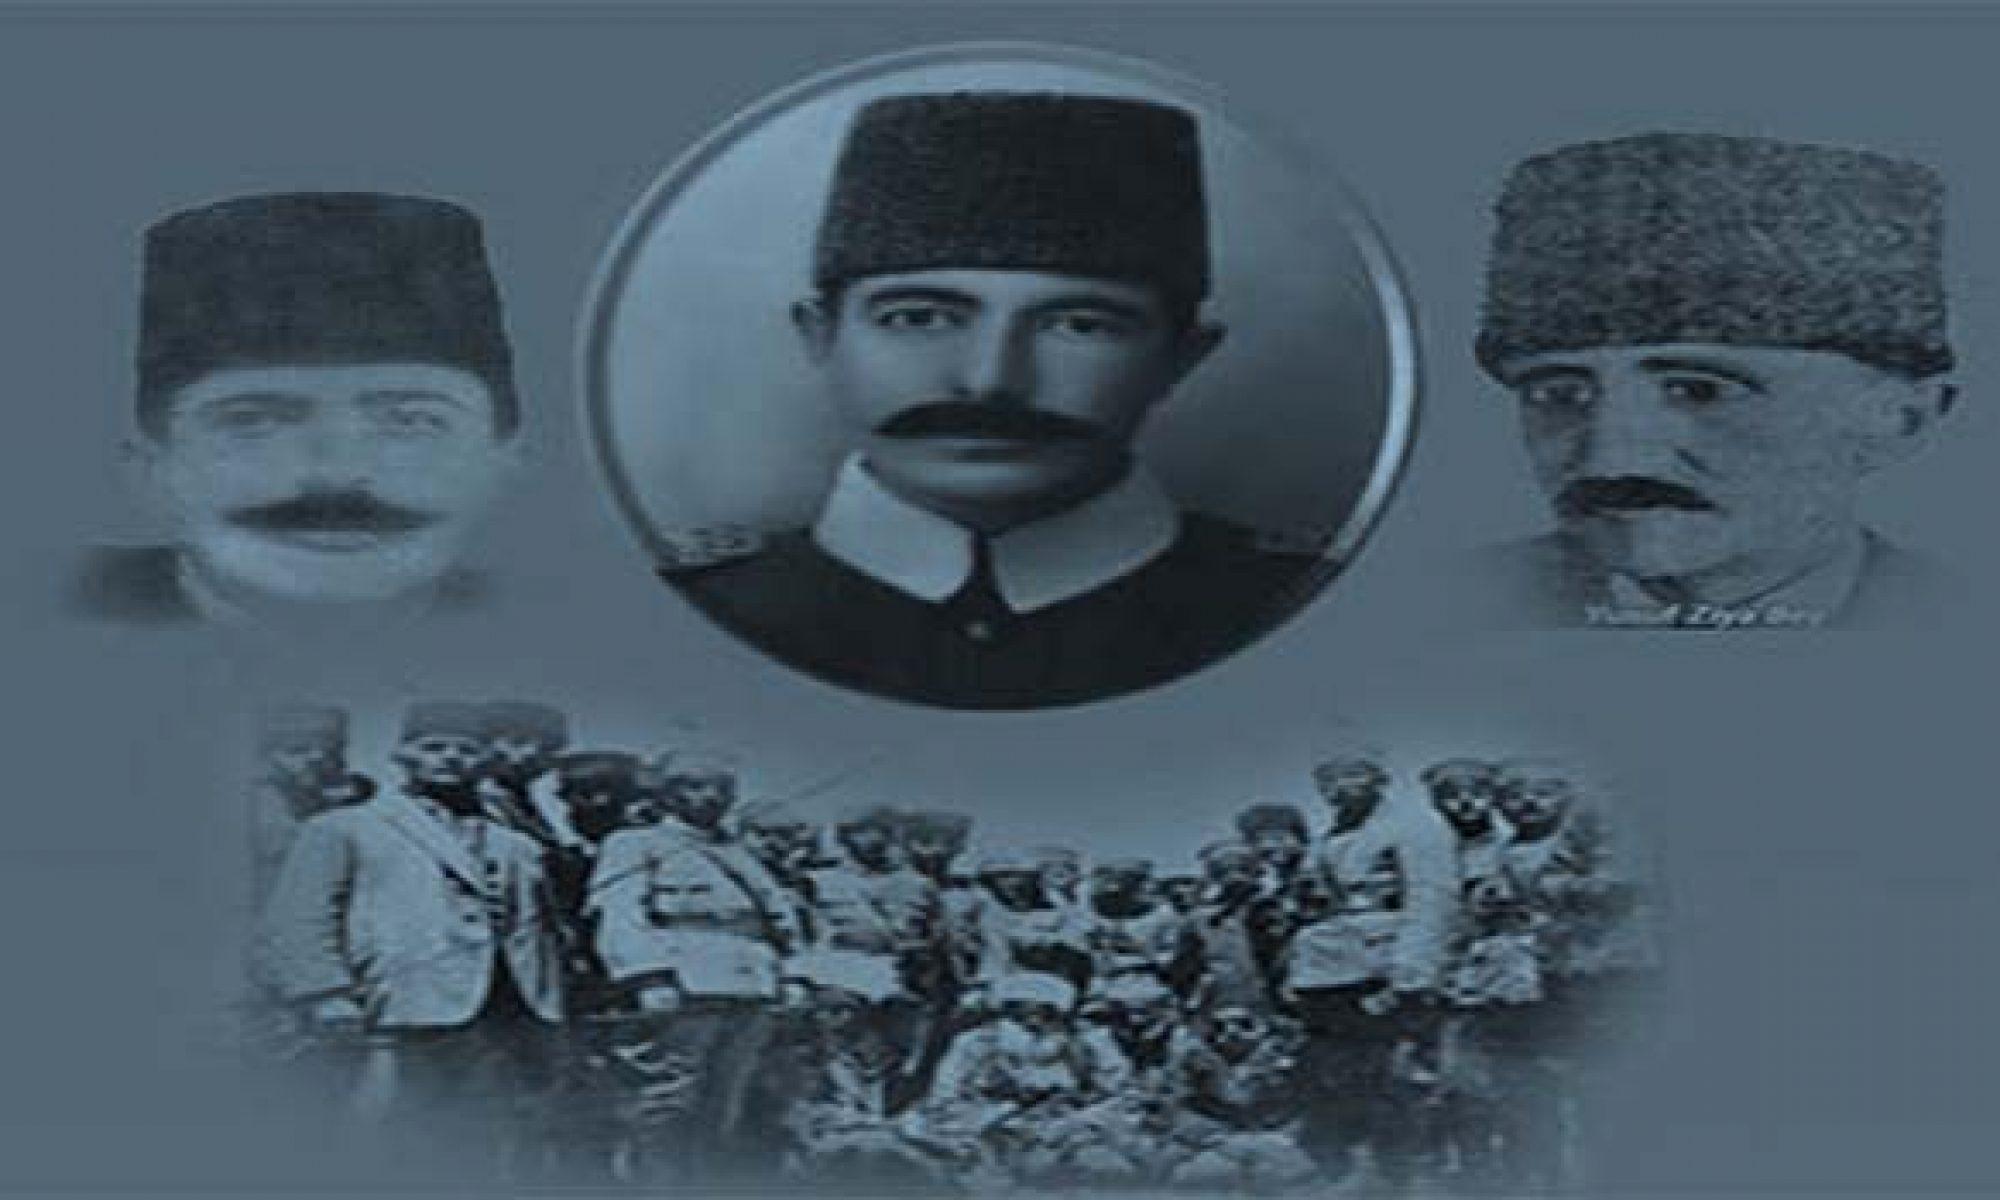 Bu gün Cıbranlı Halid Bey, Yusuf Ziya Bey ve arkadaşlarının idam edilişinin. 95. yıl dönümü